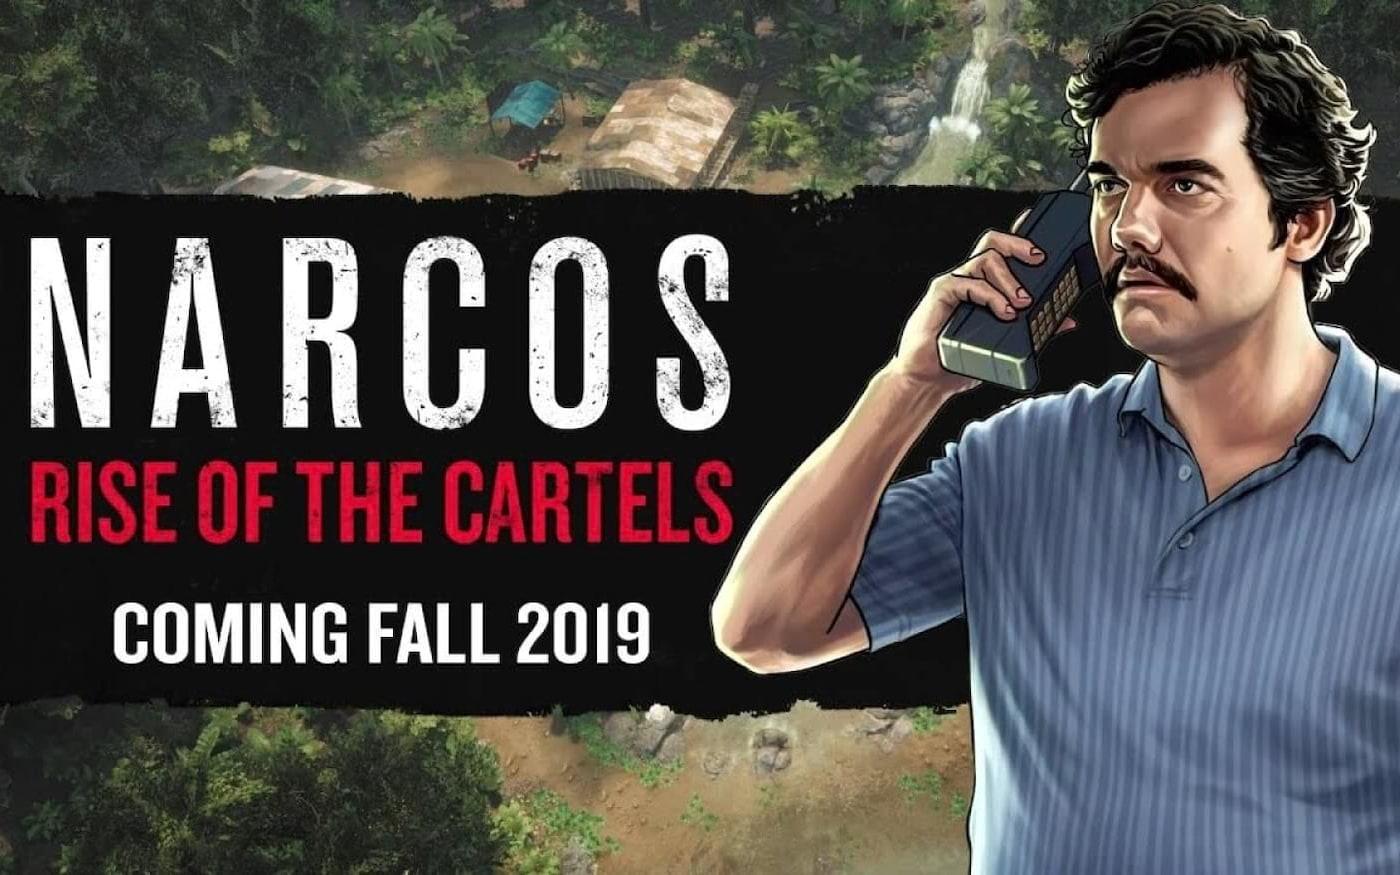 [Narcos: Rise of The Cartels] Jogo baseado na série da Netflix ganha novos trailers